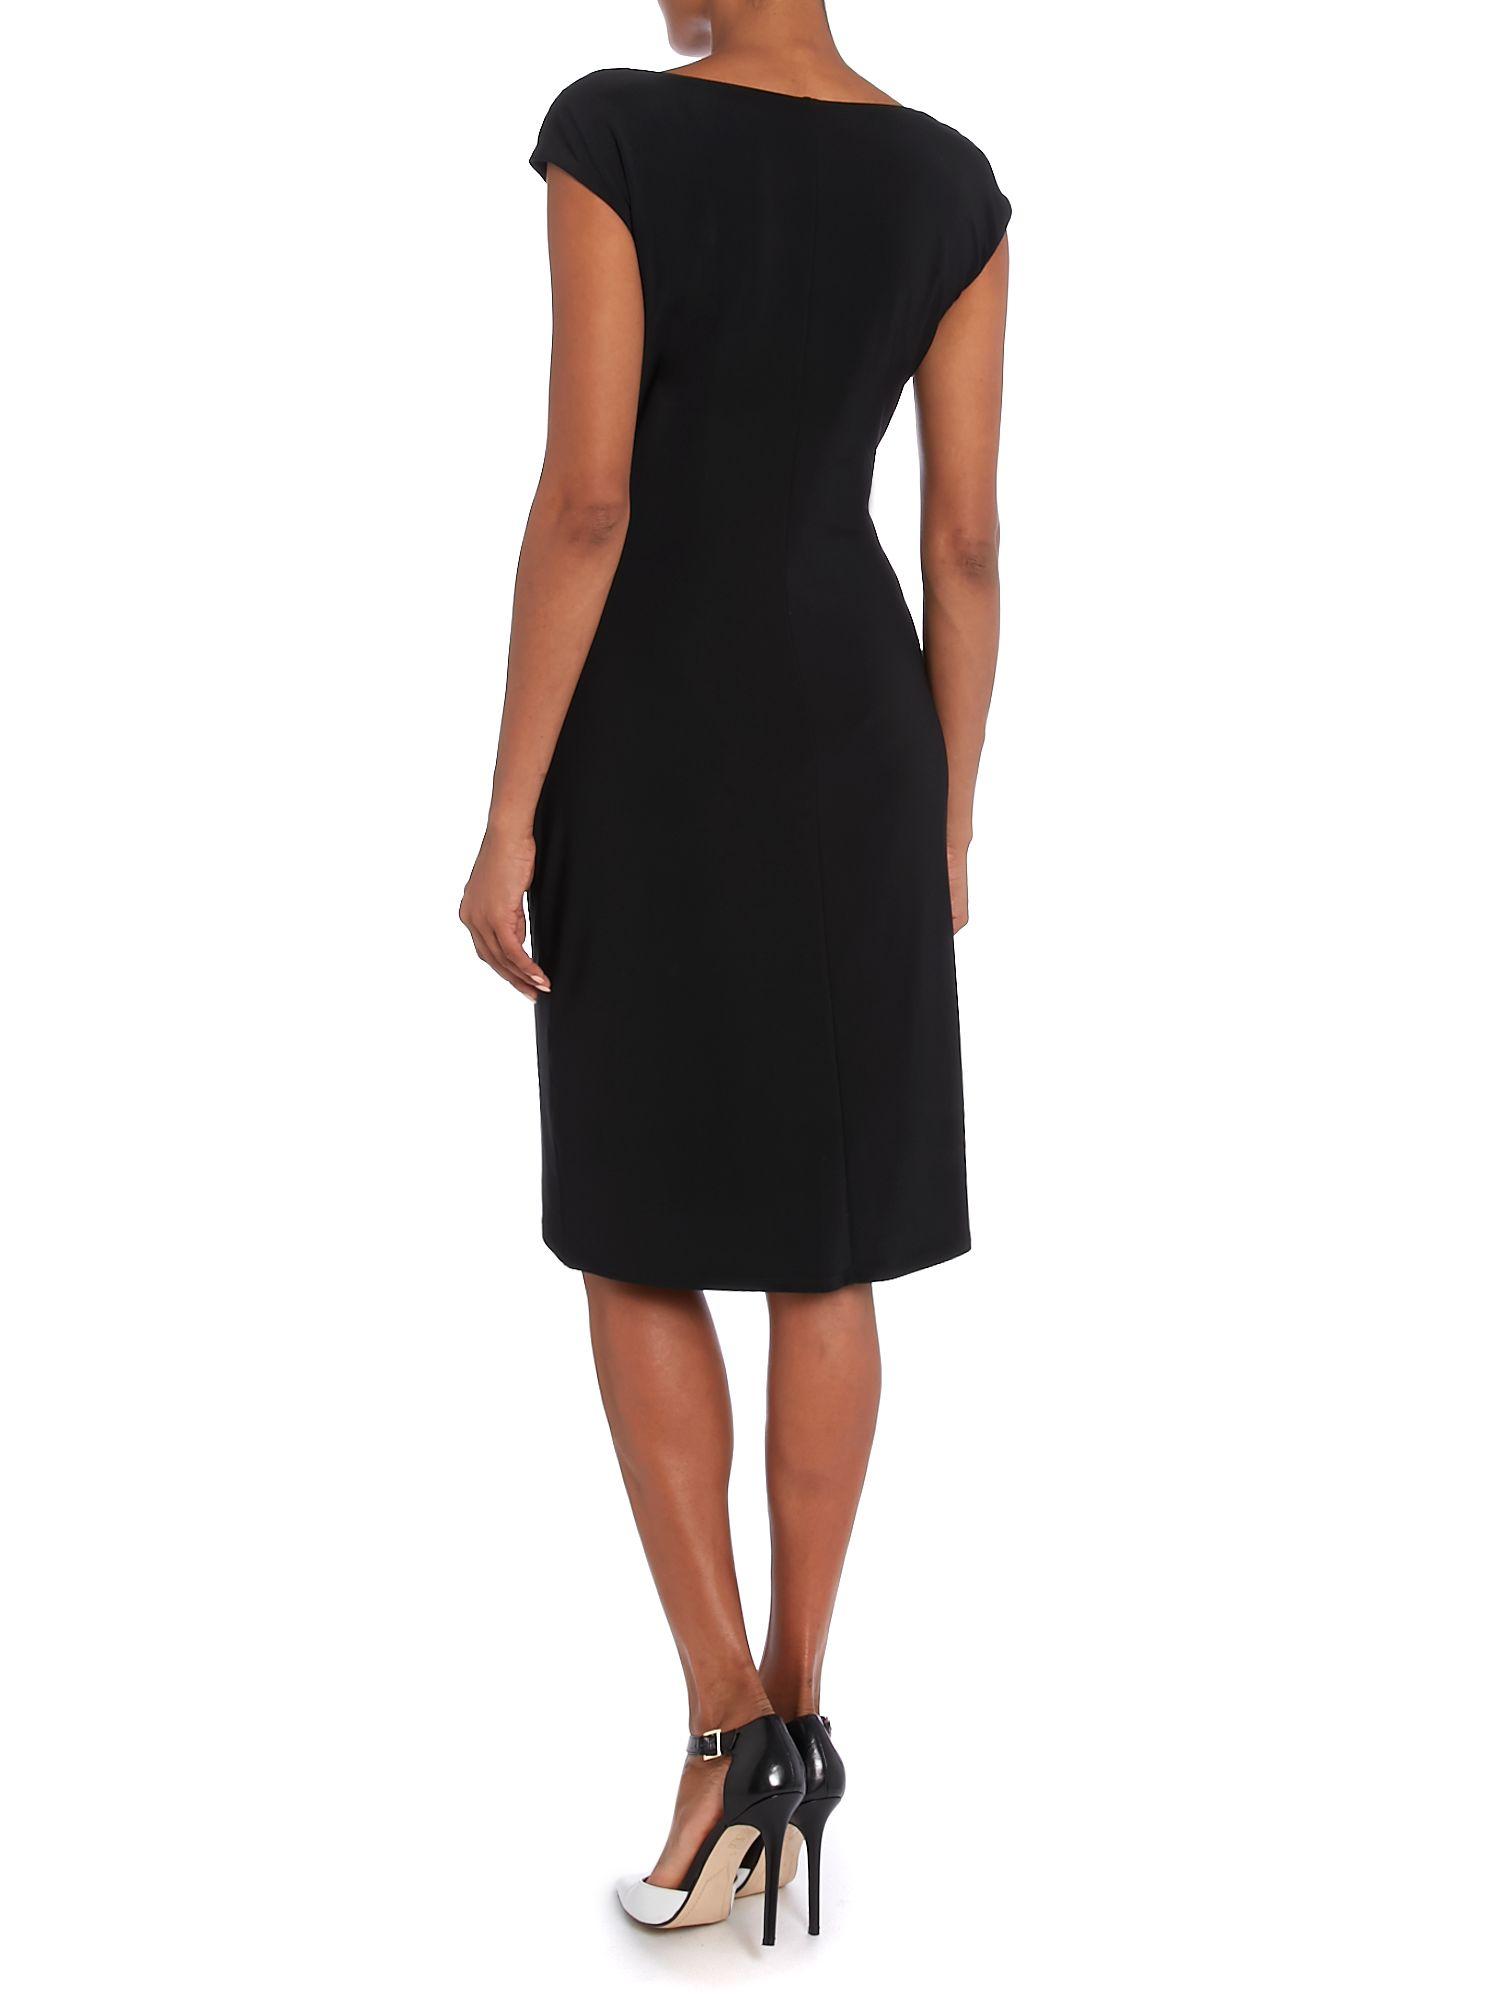 lauren by ralph lauren valli cap sleeved dress in black lyst. Black Bedroom Furniture Sets. Home Design Ideas